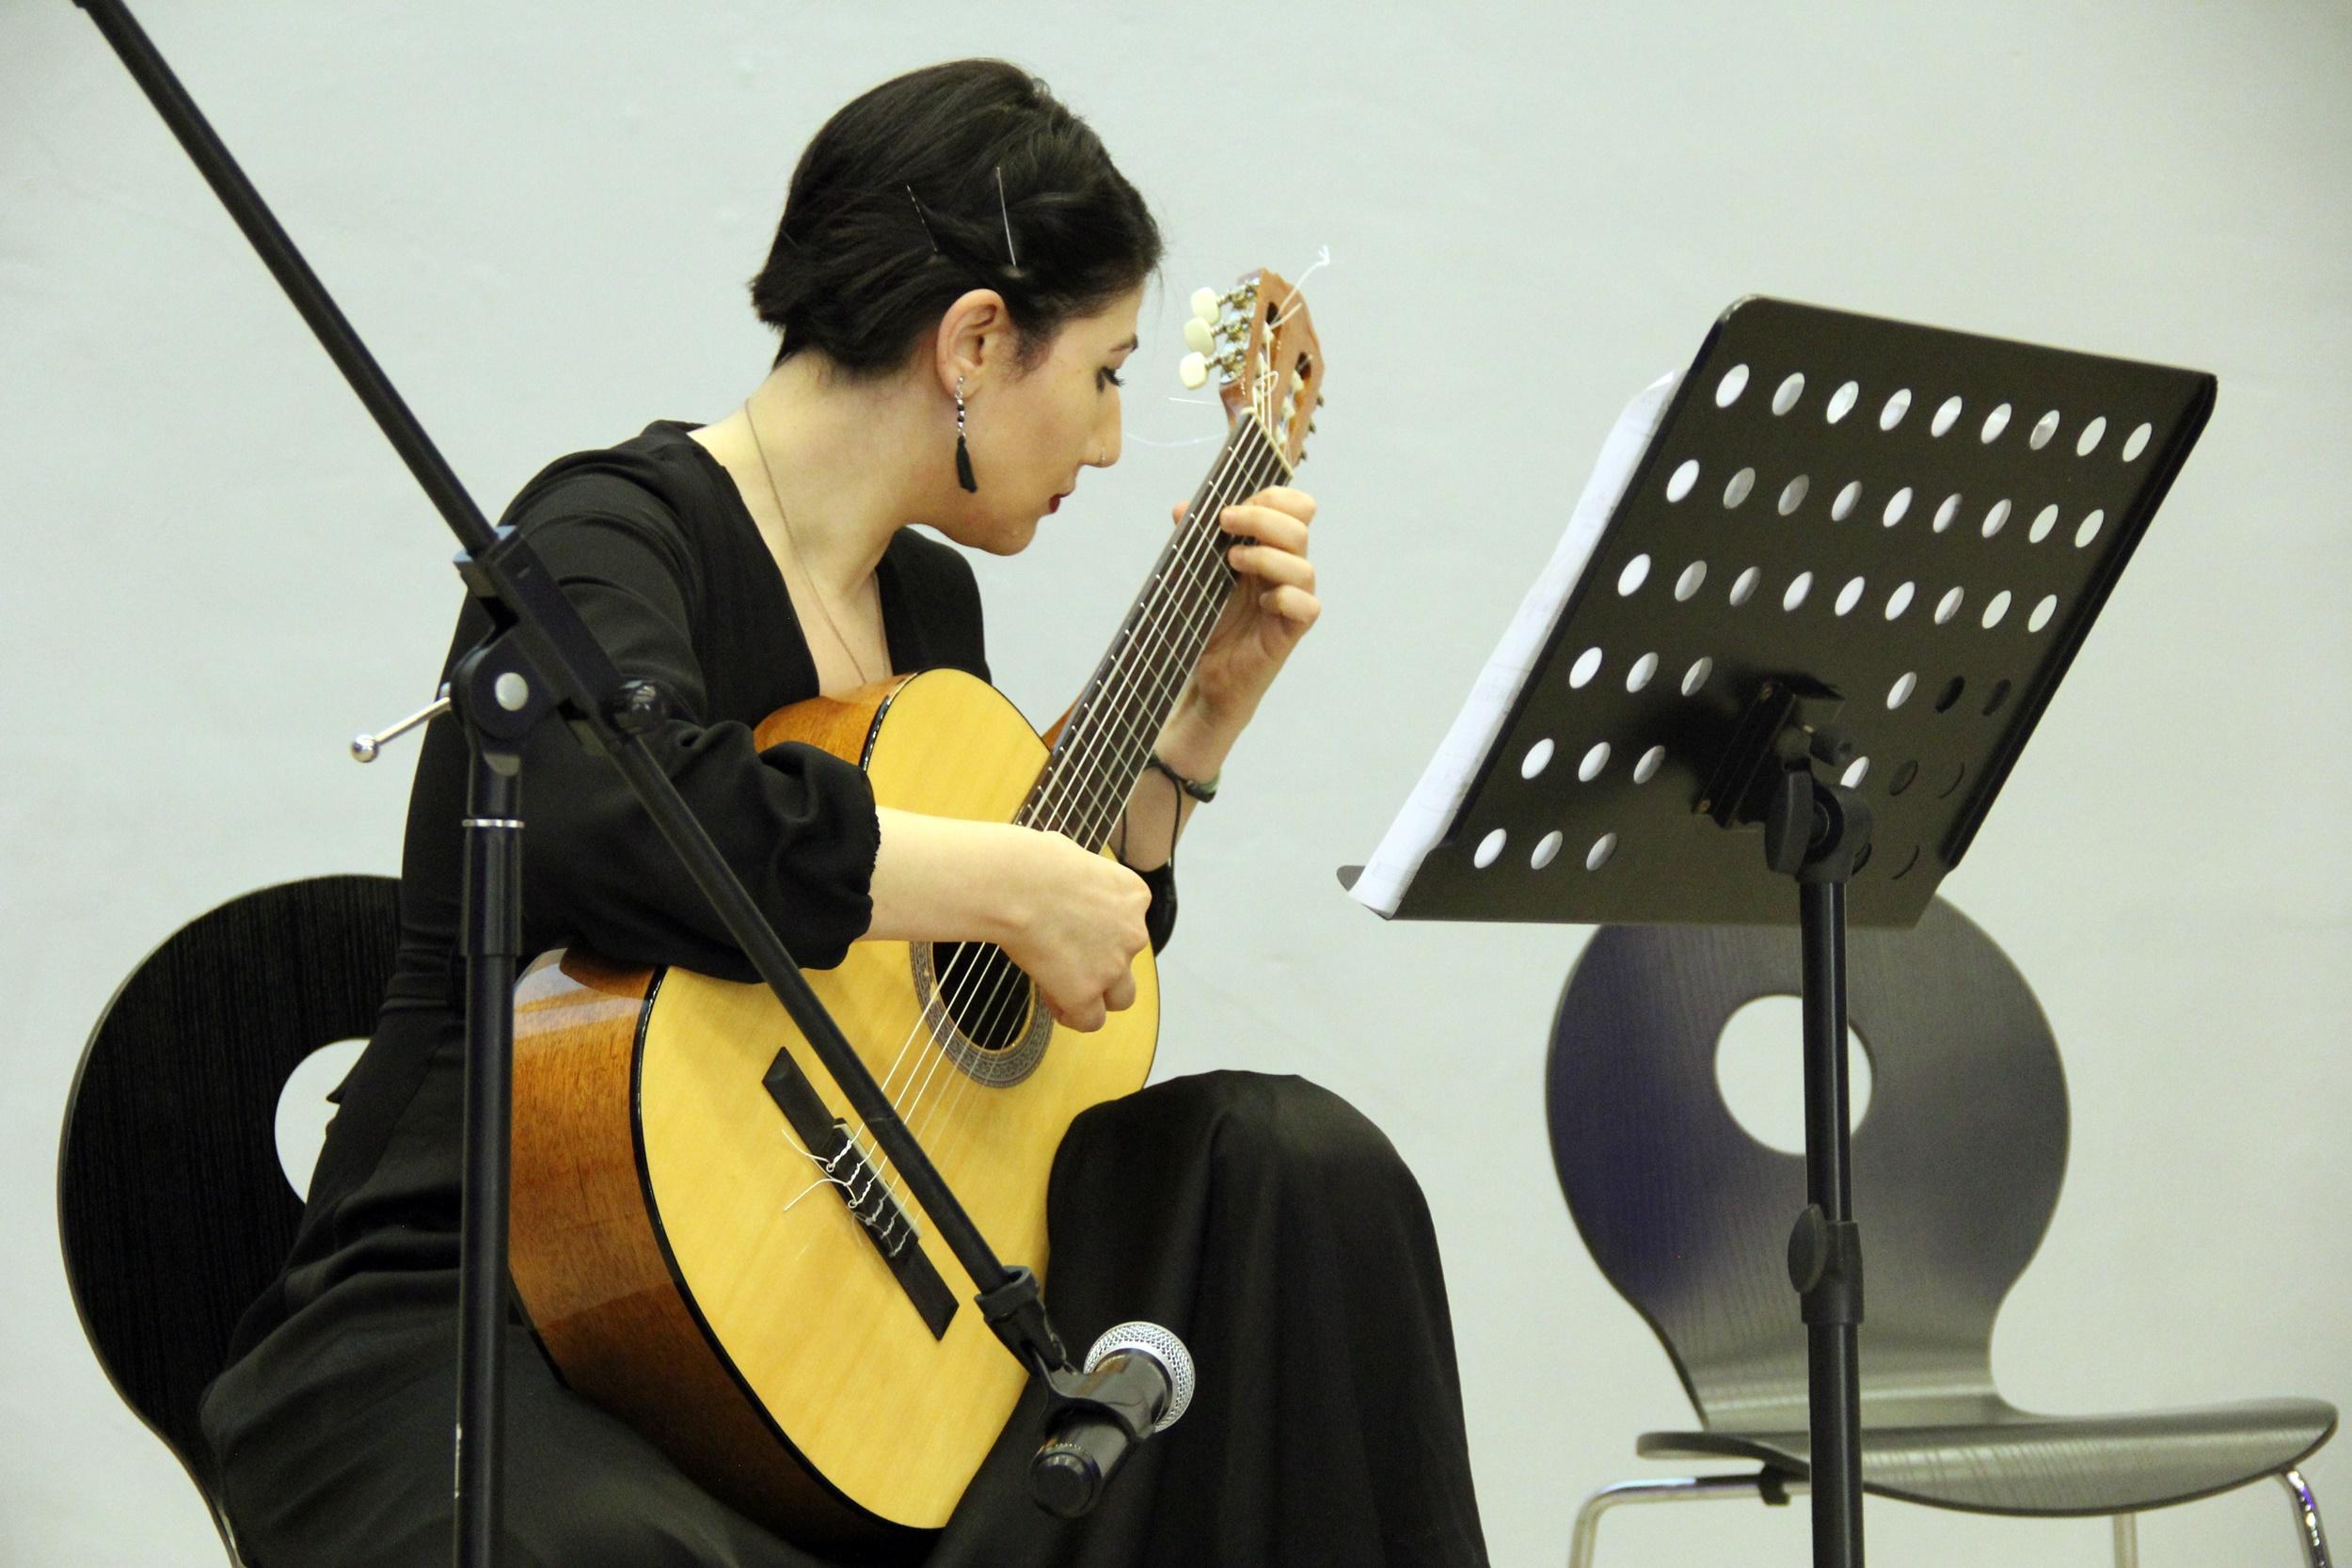 Nişantaşı Üniversitesi Müzik bölümünden Güz Dönemi Konseri